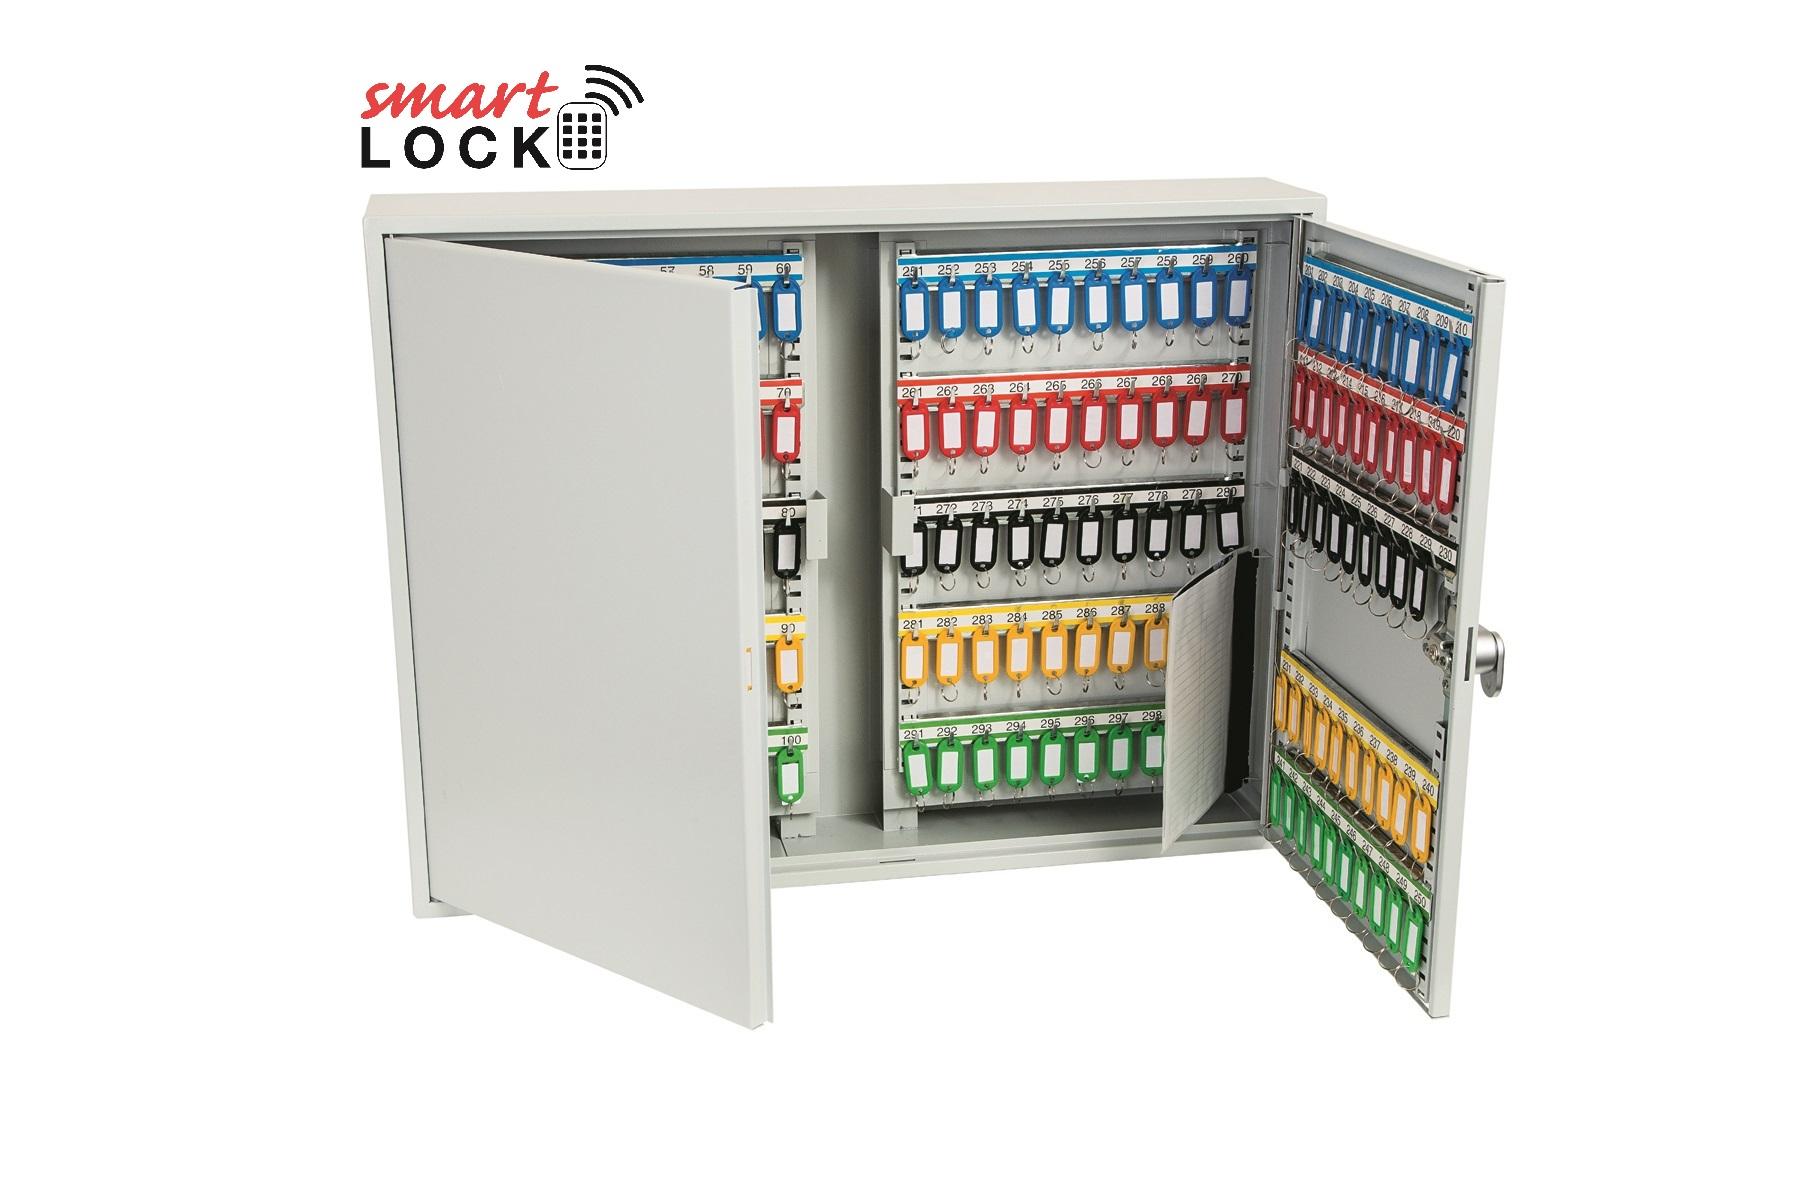 Netcode 1000 Electronic Locking Key Cabinet Kc0606n